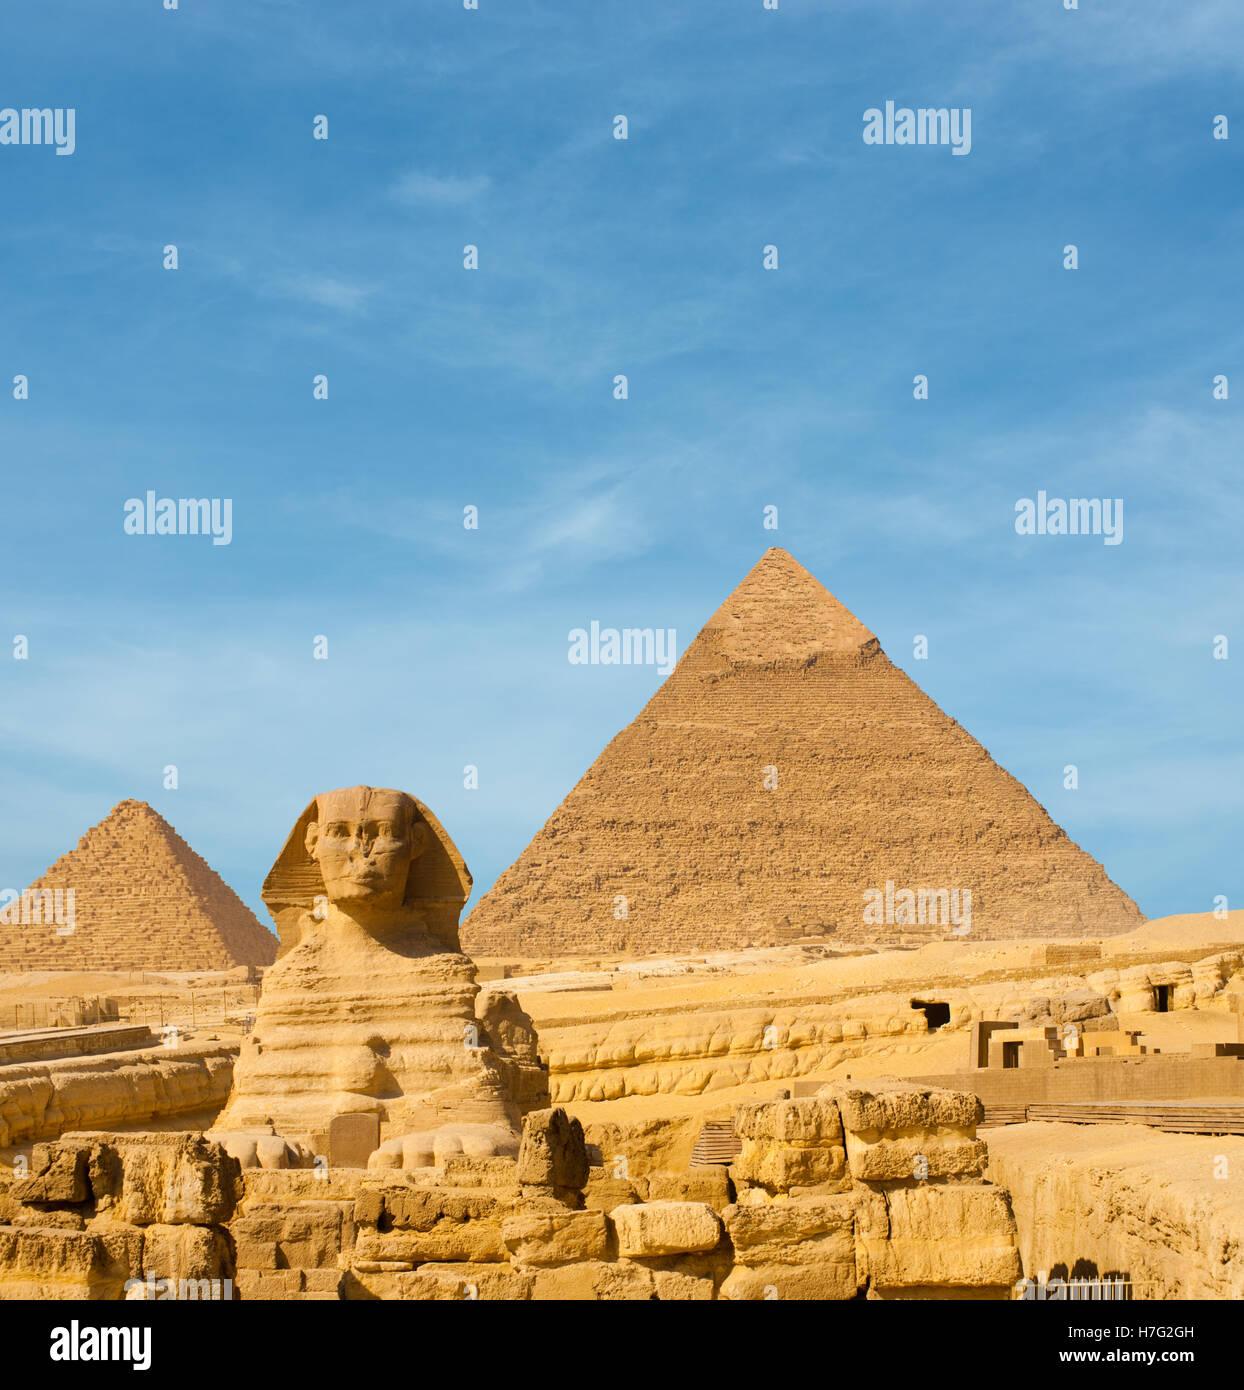 La parte anteriore rivolta verso la sfinge e le grandi piramidi egiziane di Khafre Menkaure, leggermente sfalsato Immagini Stock